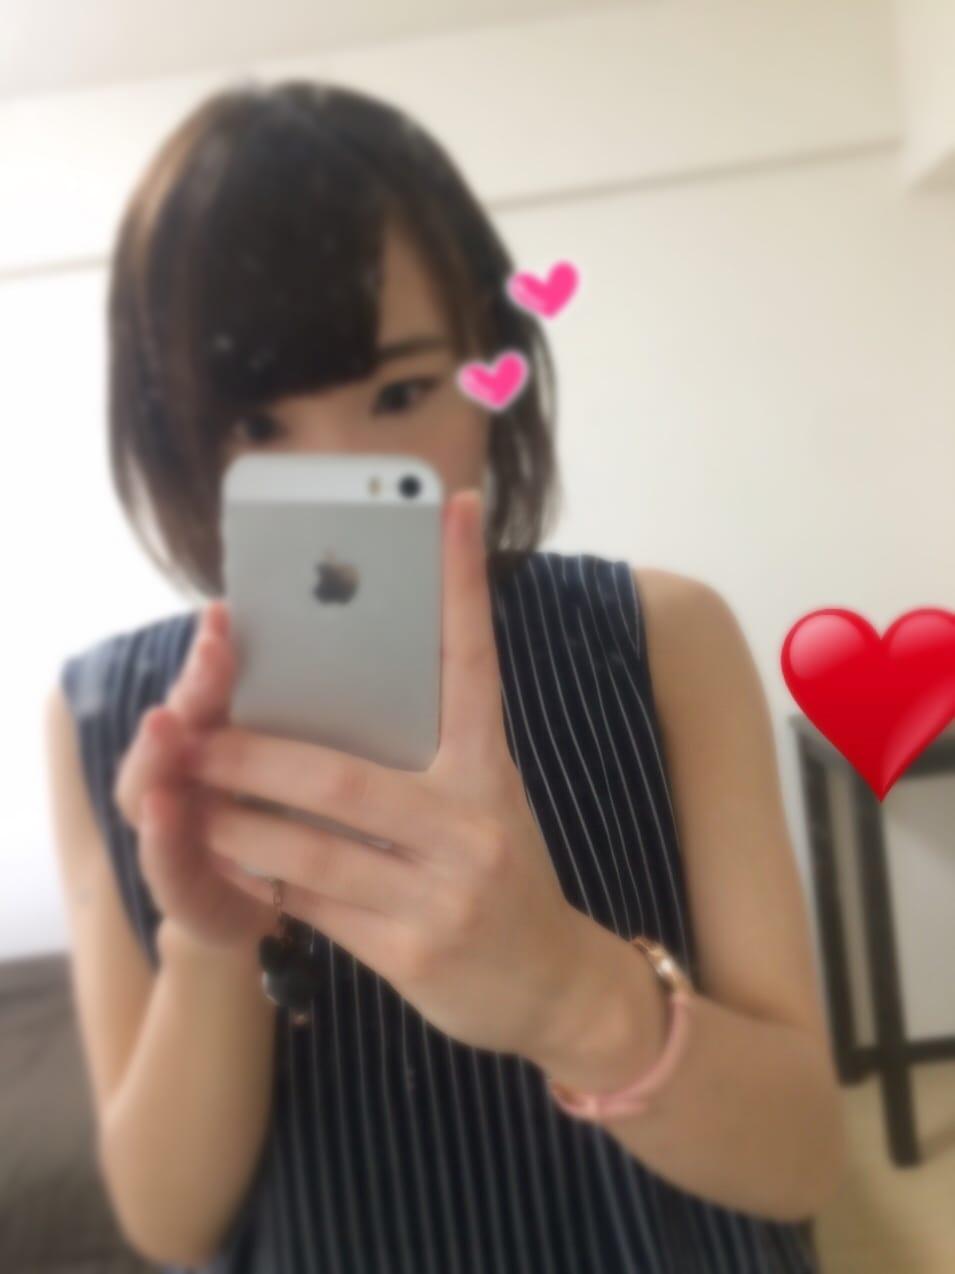 「いつも!」07/10(07/10) 23:26 | わかの写メ・風俗動画